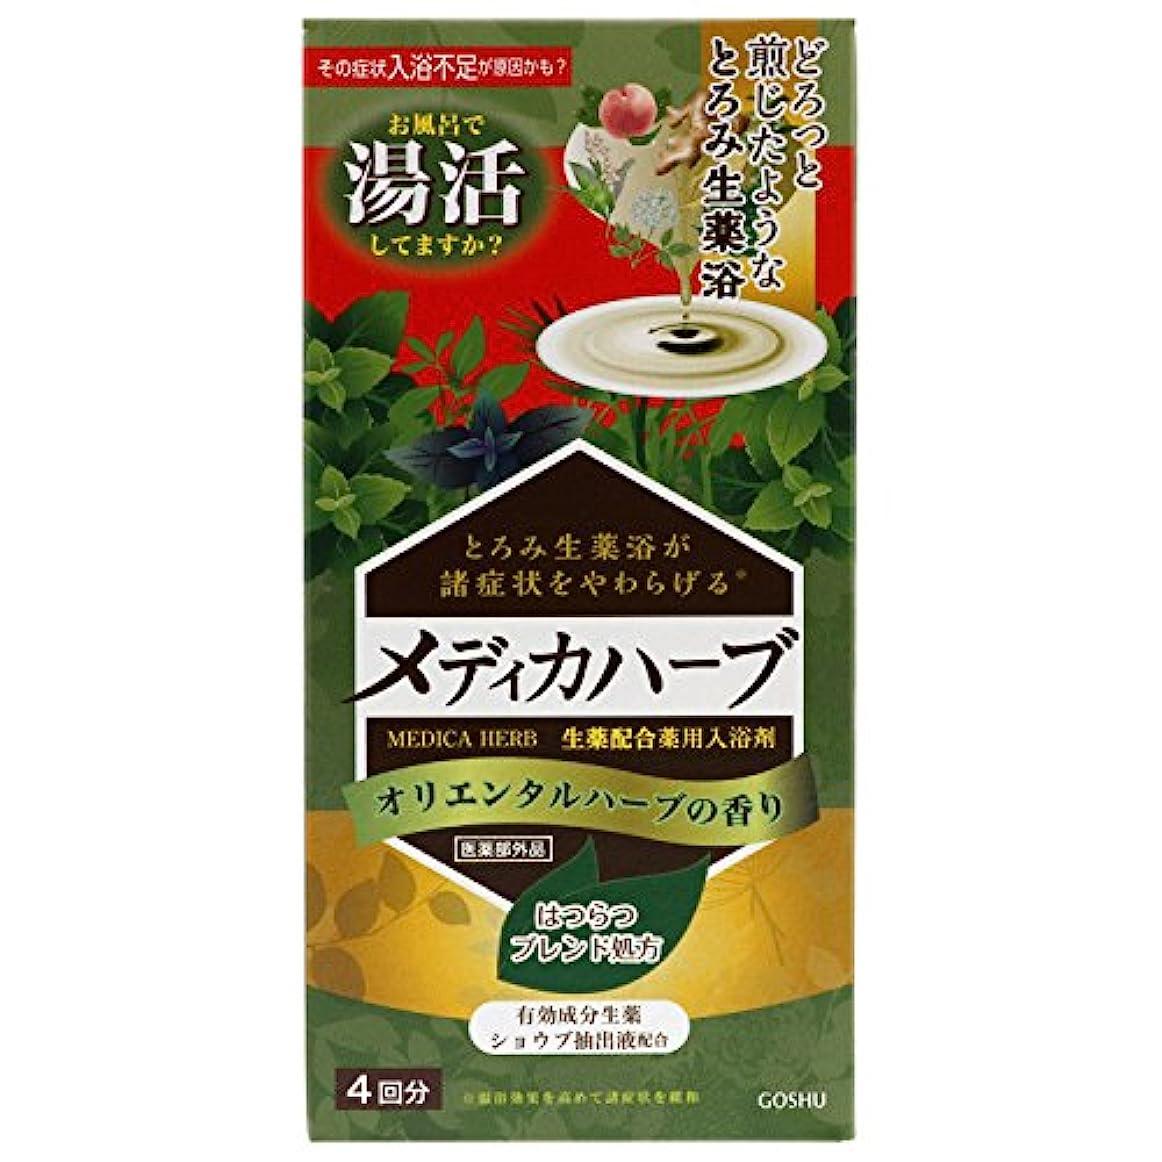 ドリンク高いシャベルメディカハーブ オリエンタルハーブの香り 4包(4回分) [医薬部外品]